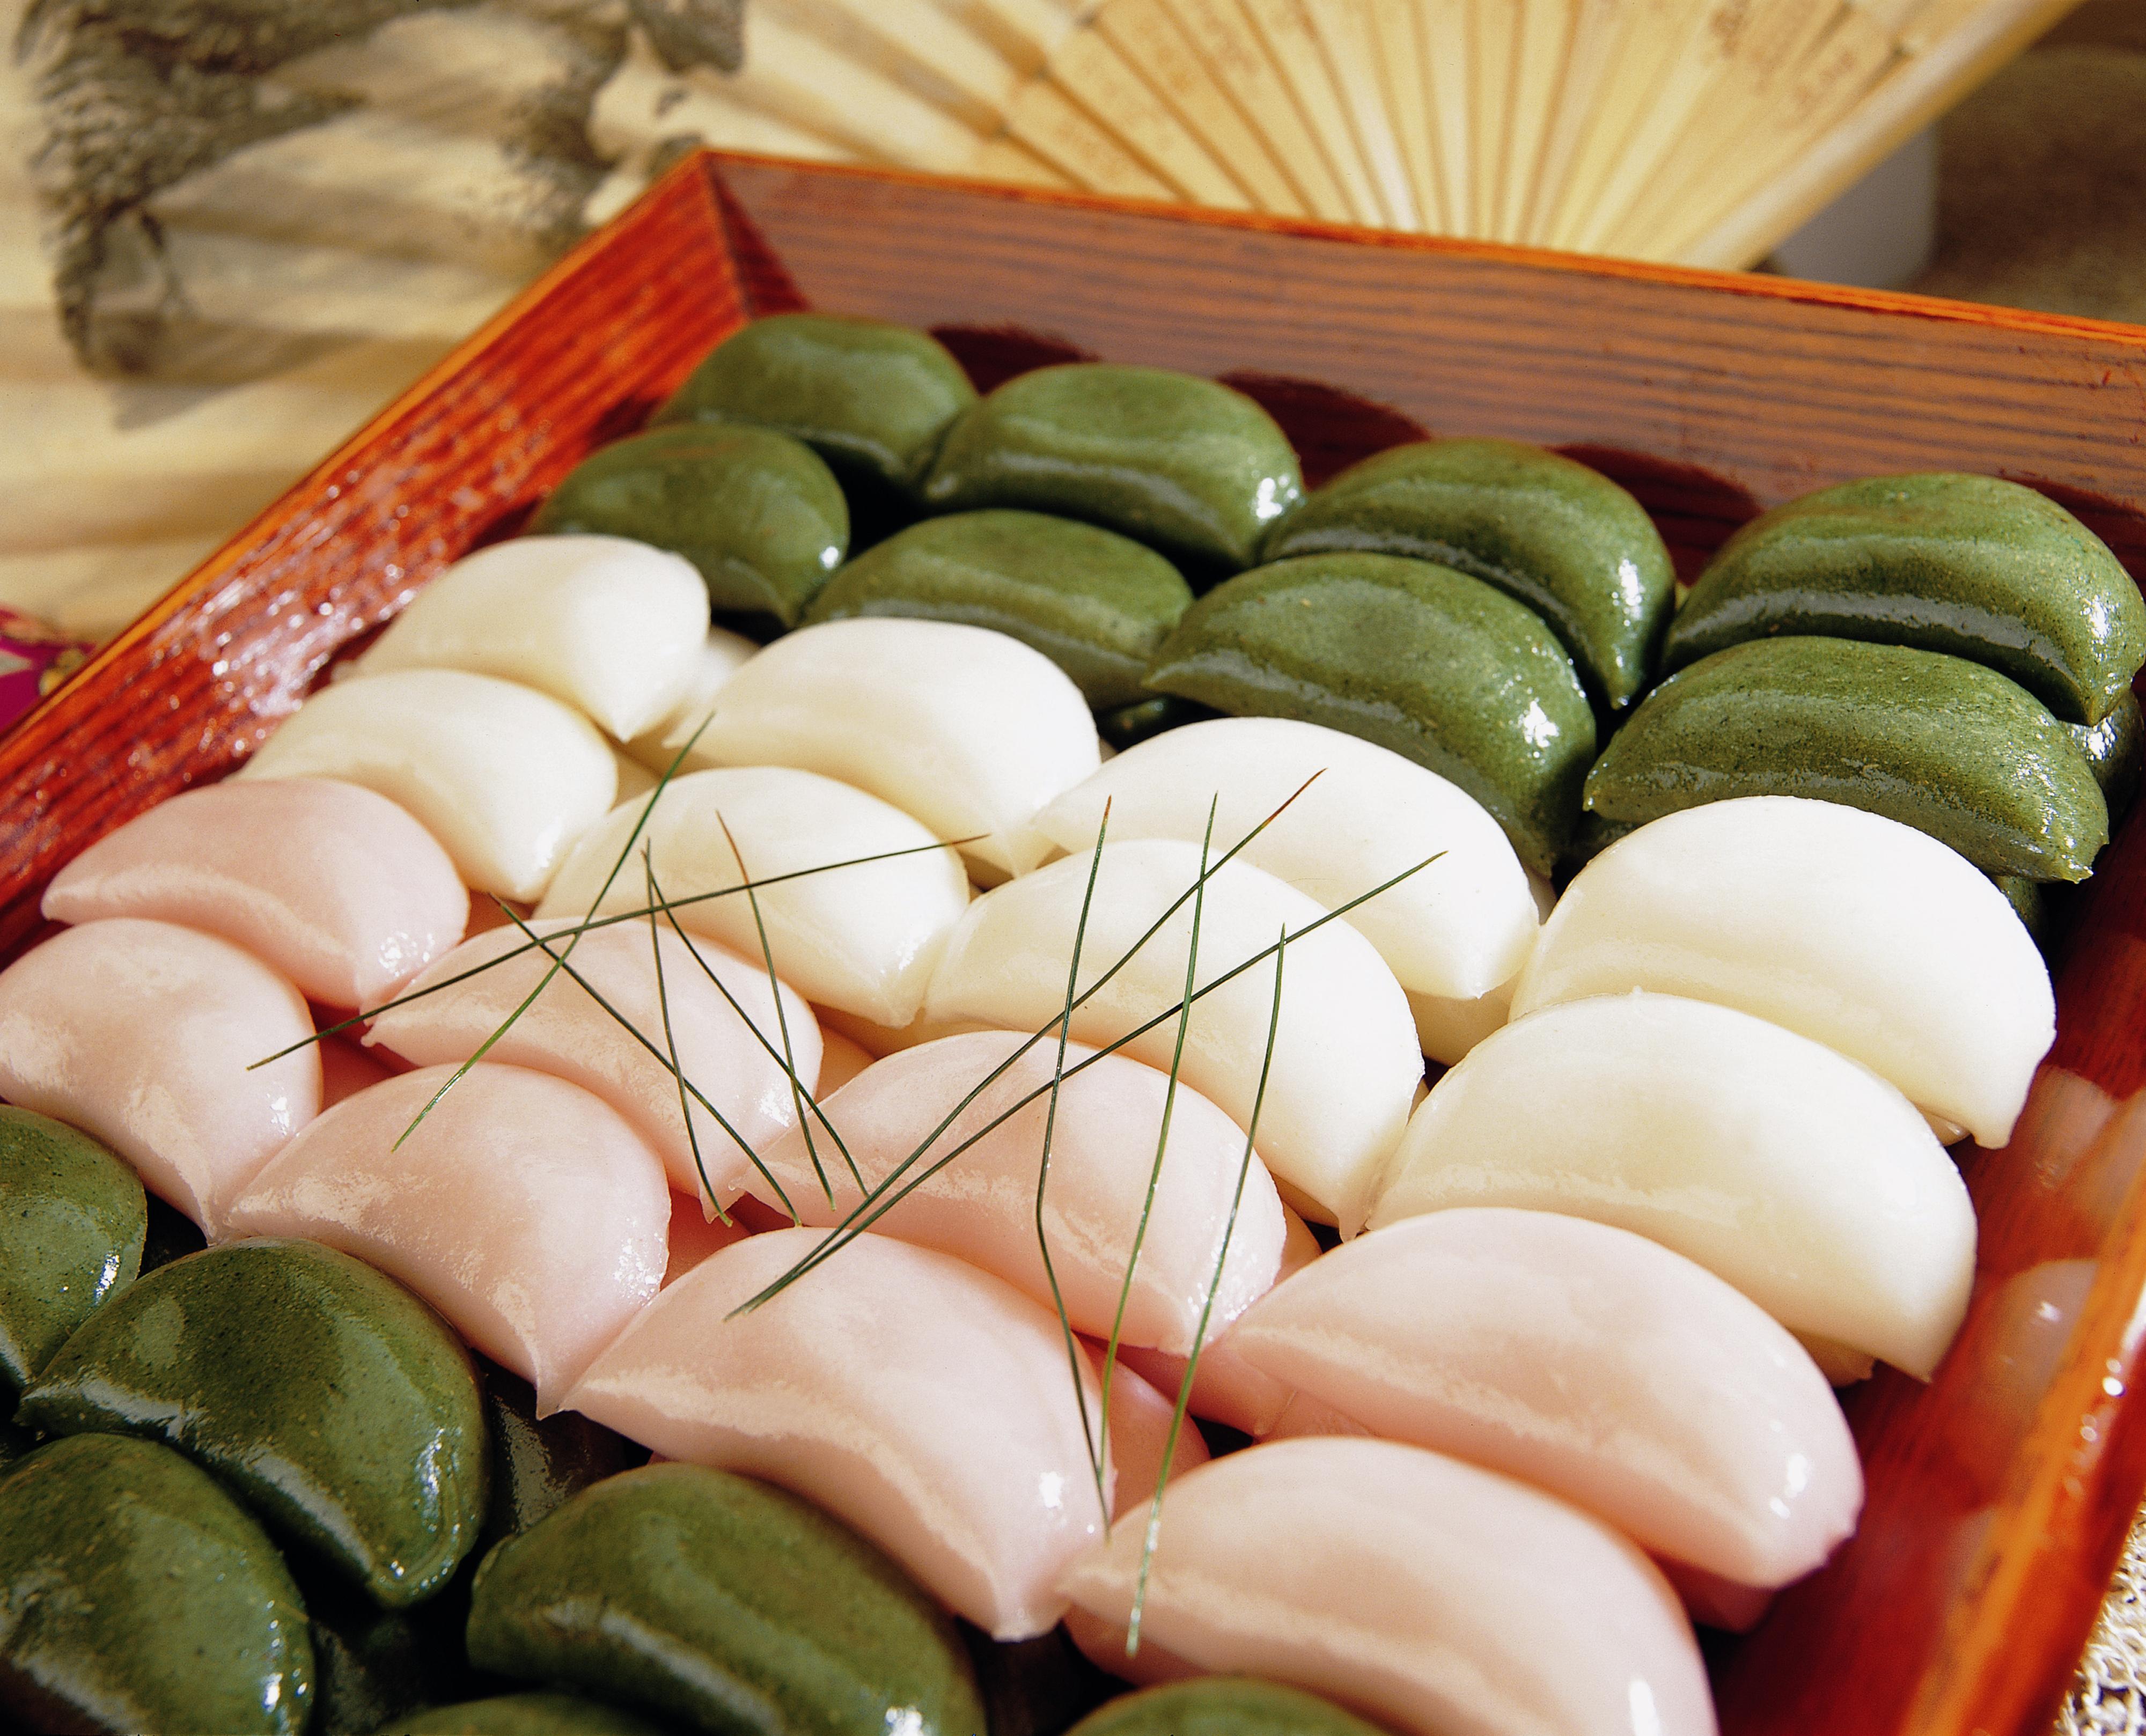 松片是韩国和朝鲜独有的中秋食物,用米粉制成,以豆沙、枣泥等作馅。-图取自网络-